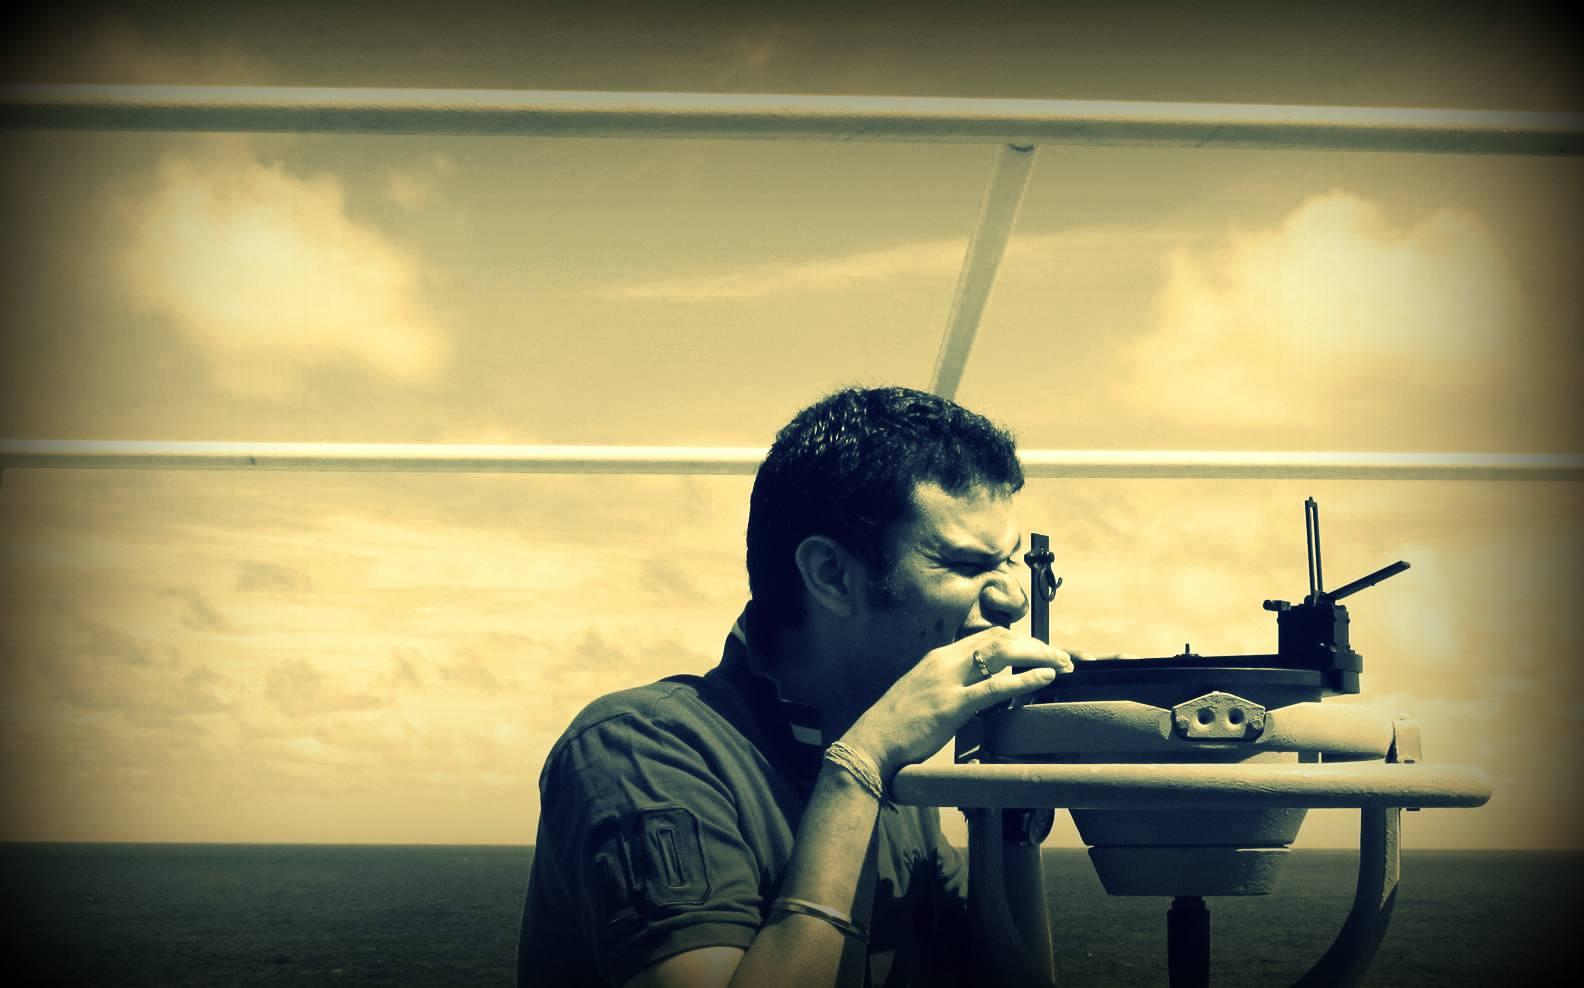 sailor, navigational